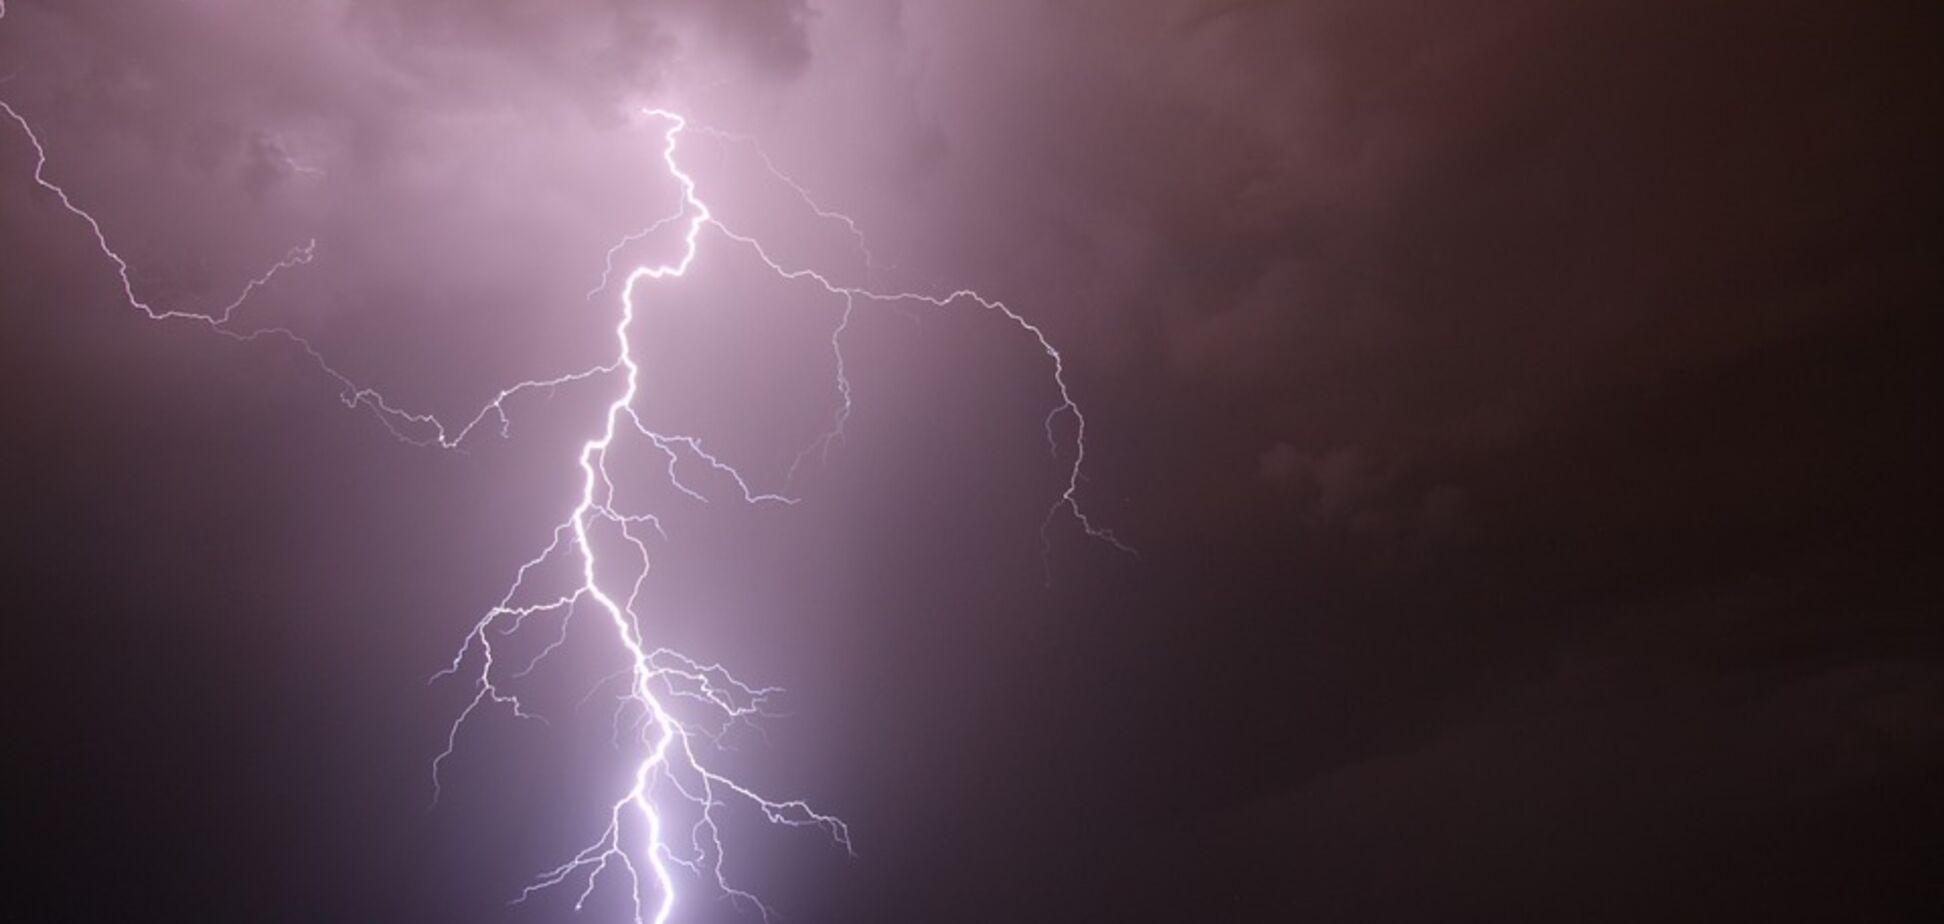 На Черкасщине двое людей погибли после удара молнии